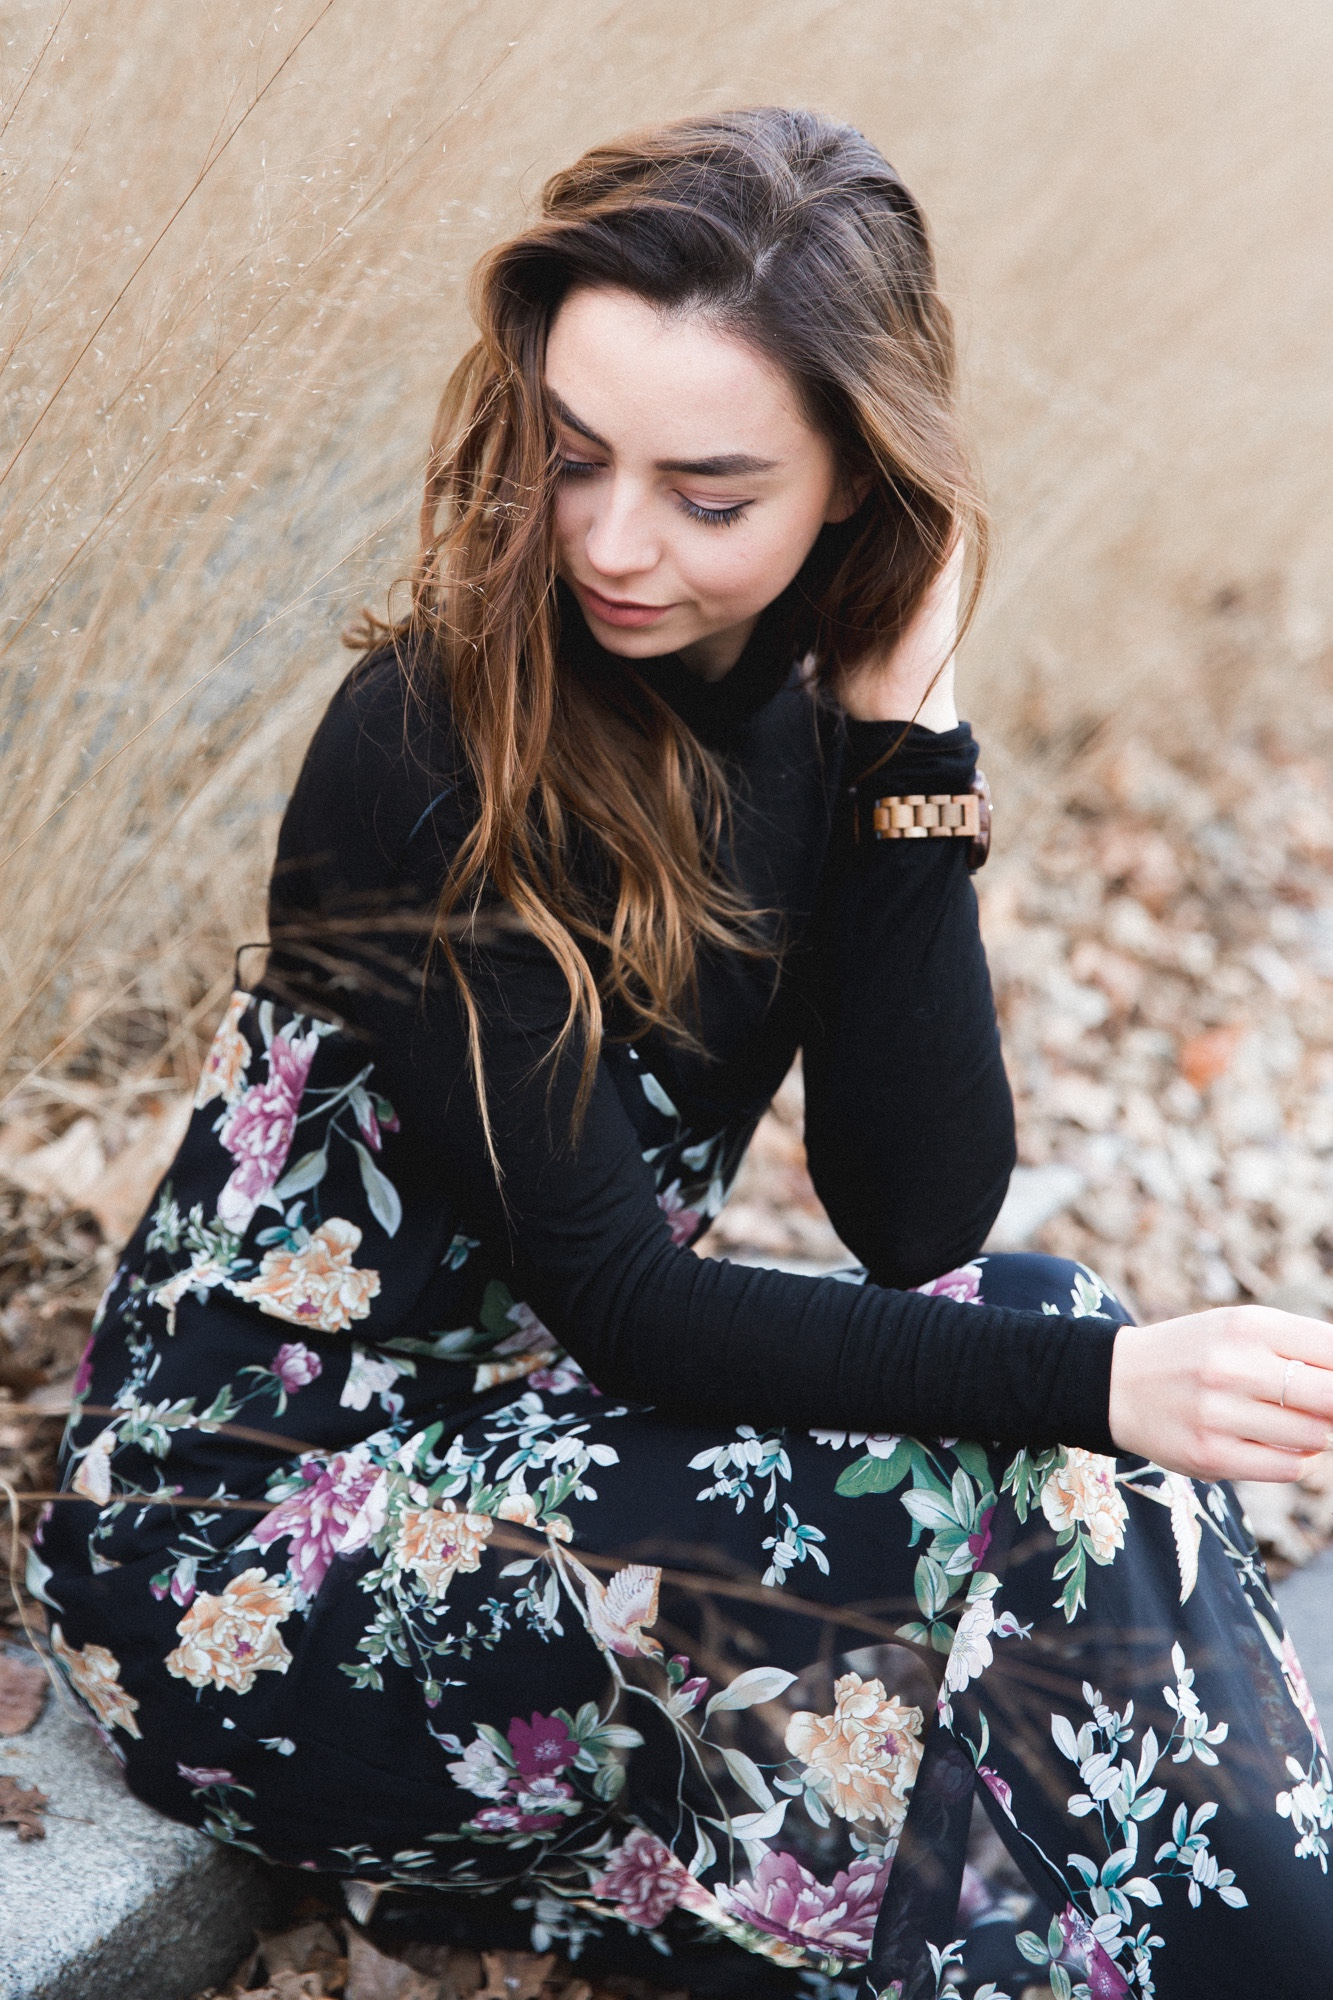 How to Wear: Sommerkleid im Winter tragen #2